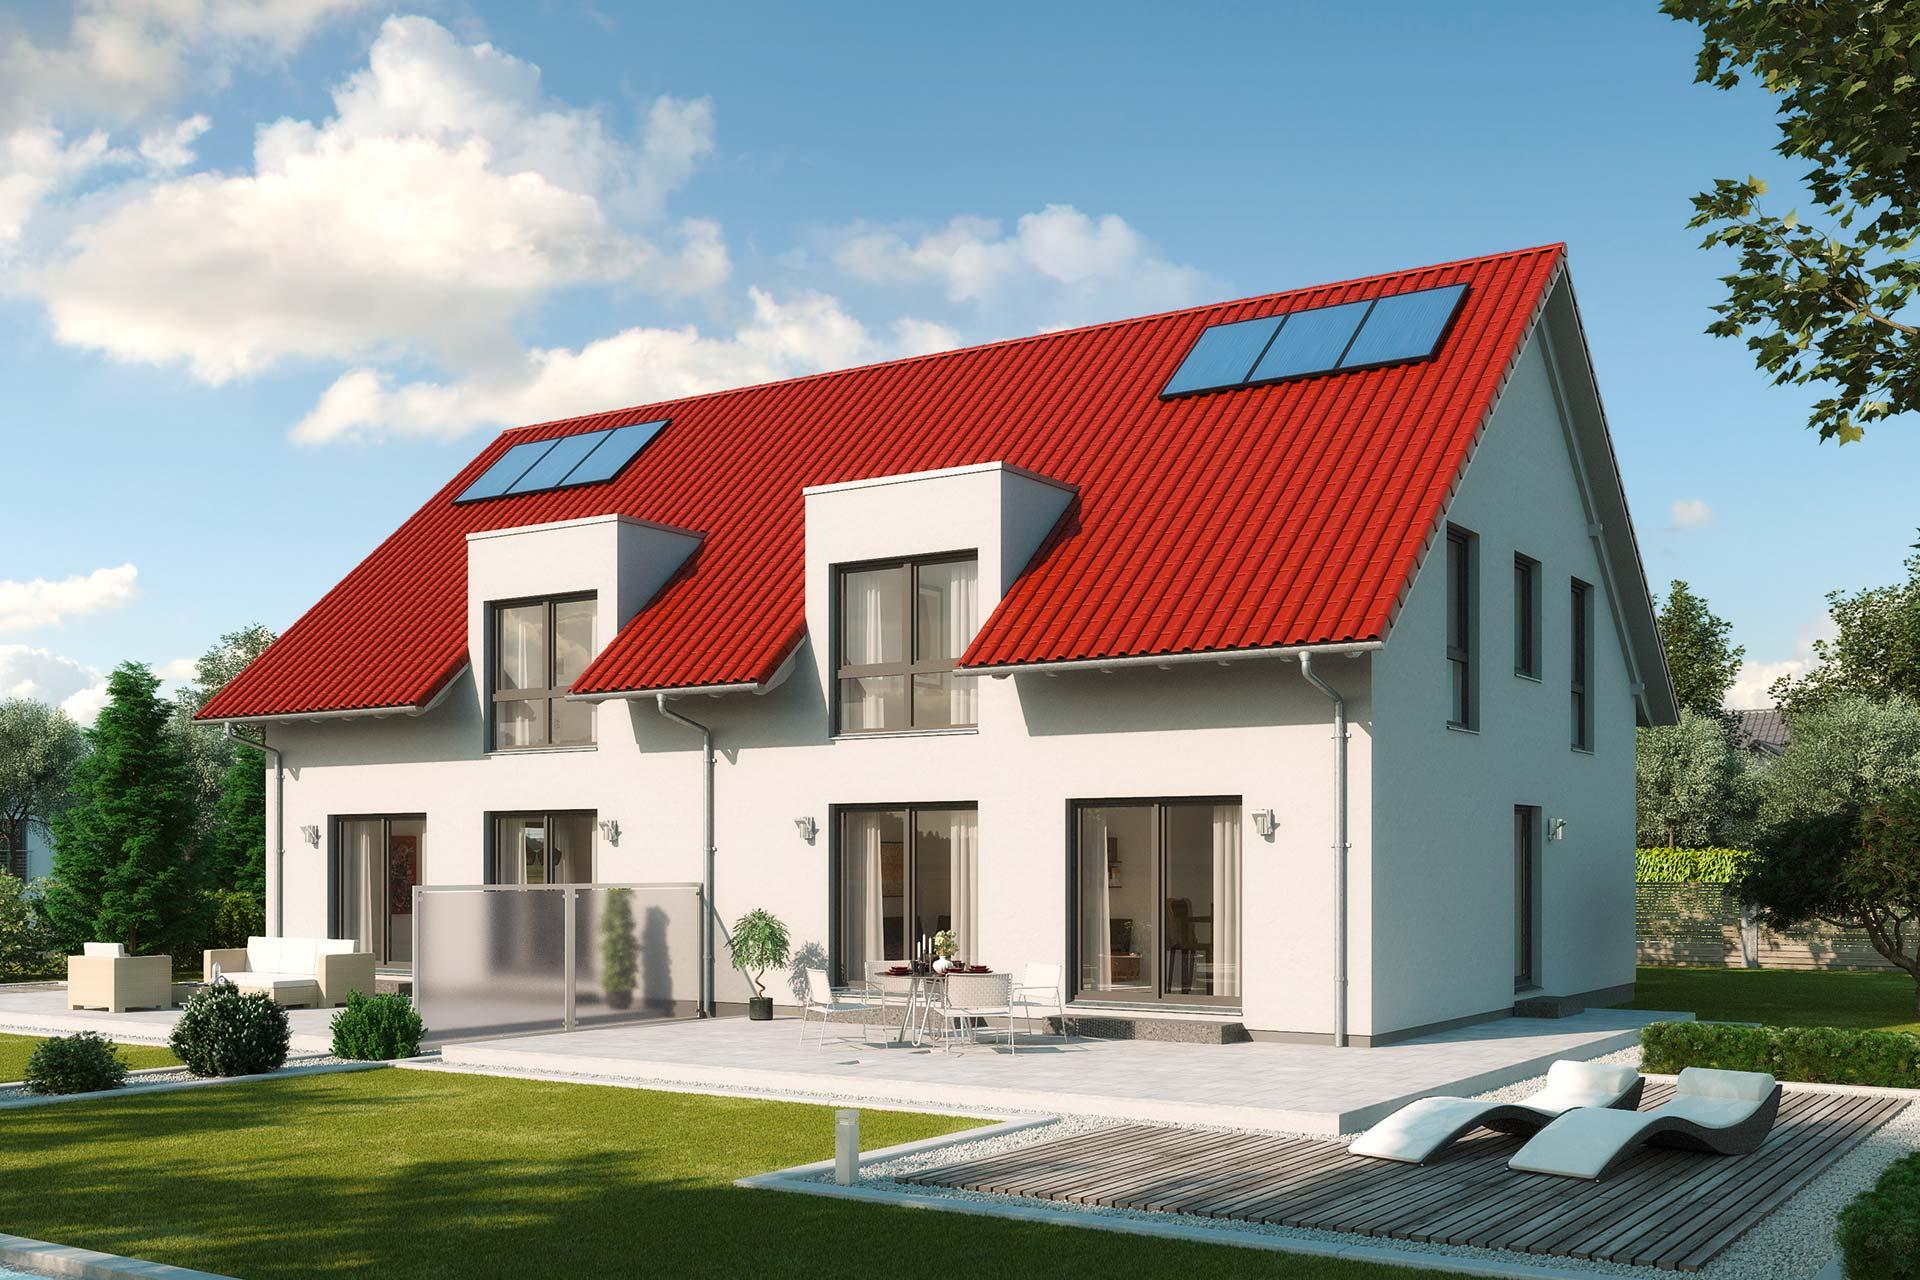 Fertighaus doppelhaus mit zwei wohneinheiten gussek haus for Bilder doppelhaus